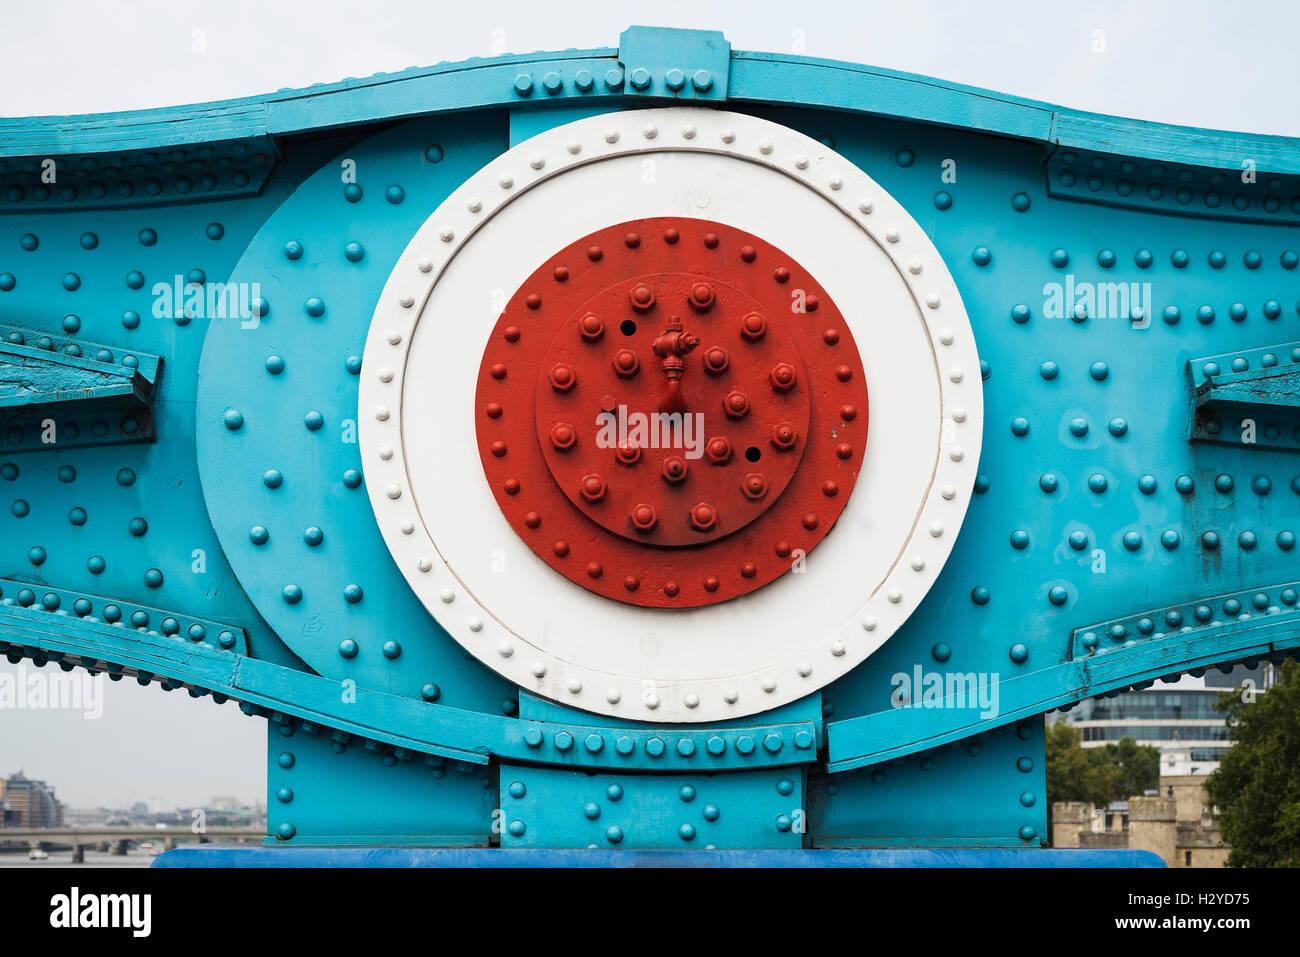 Verniciato colorato di parti in acciaio con i dadi, le viti e i rivetti della catena di due elementi di collegamento del Tower Bridge ponte di sospensione in Londra, Regno Unito Foto Stock